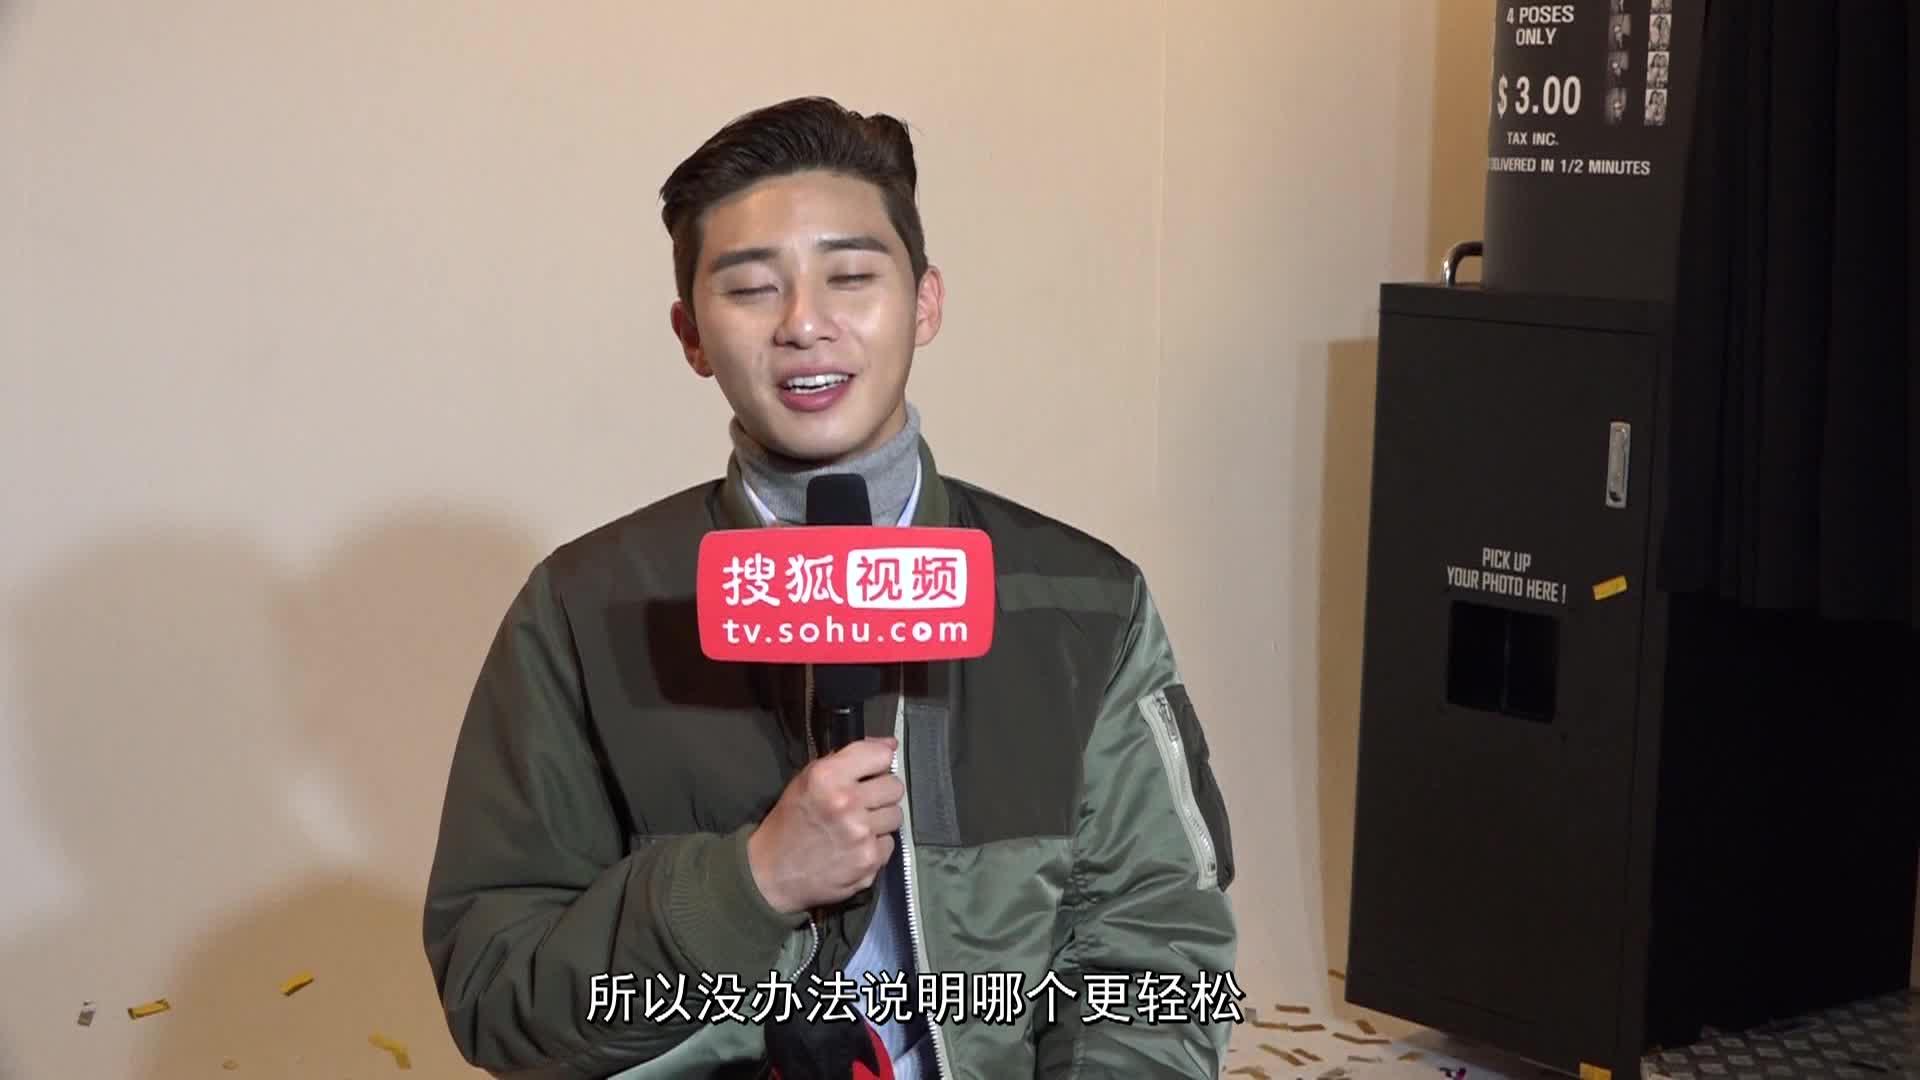 专访朴叙俊:再搭档黄静茵更默契 大势男也爱玩